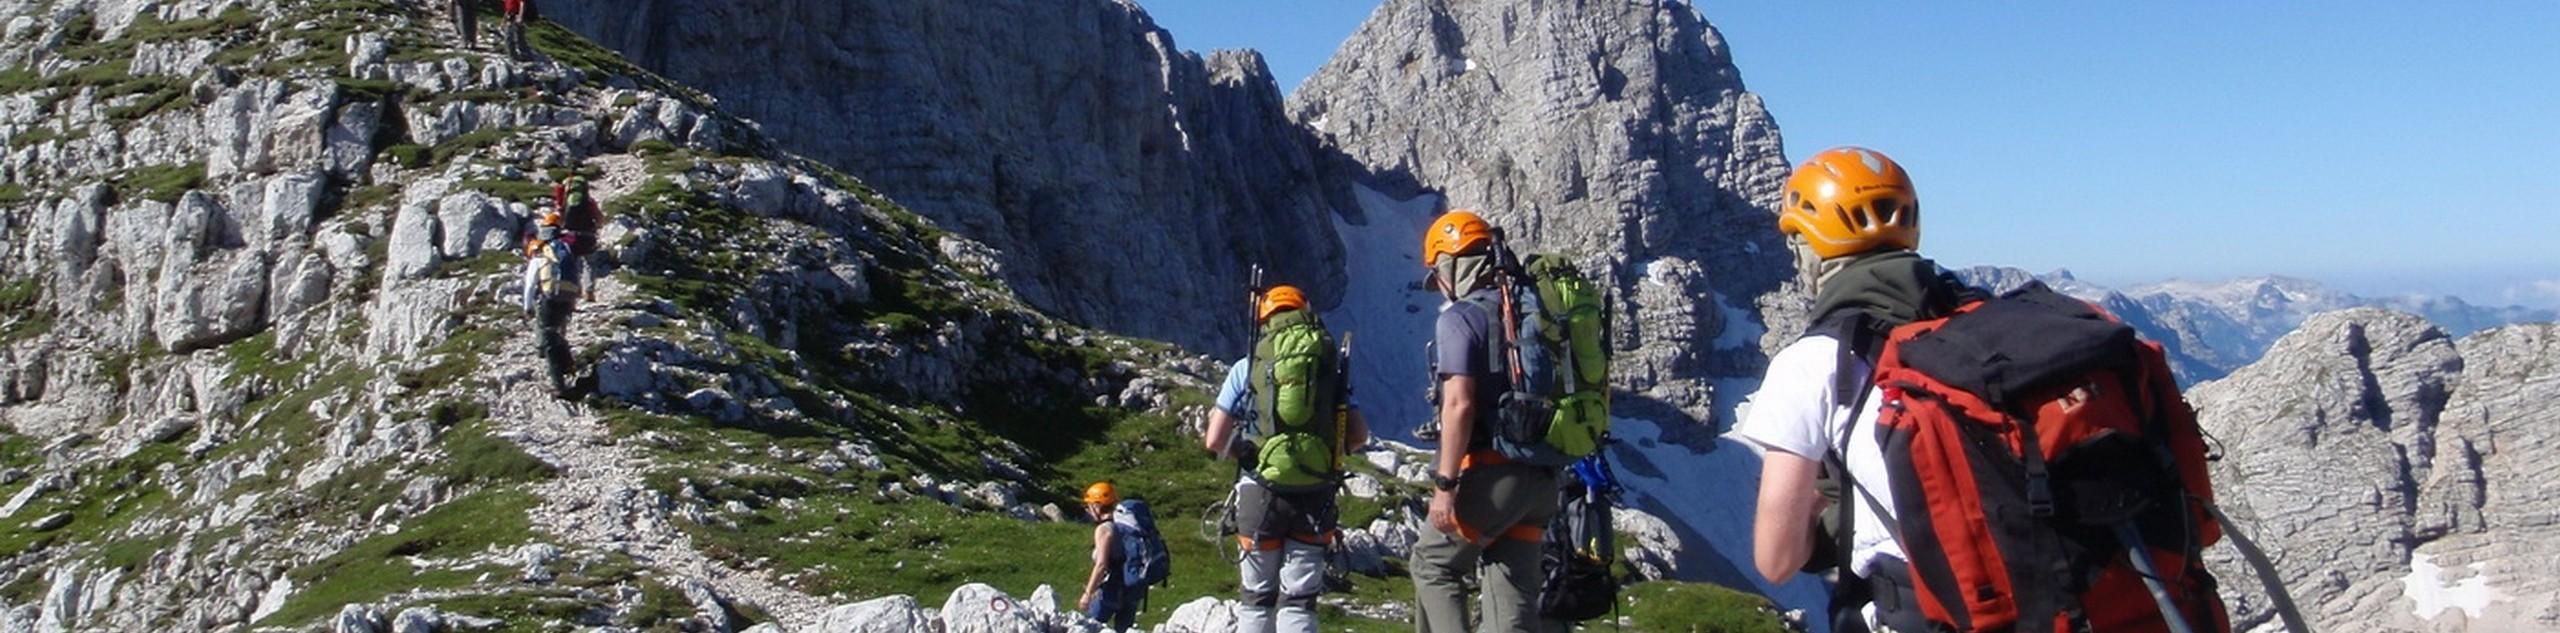 Mount Triglav Guided Trek